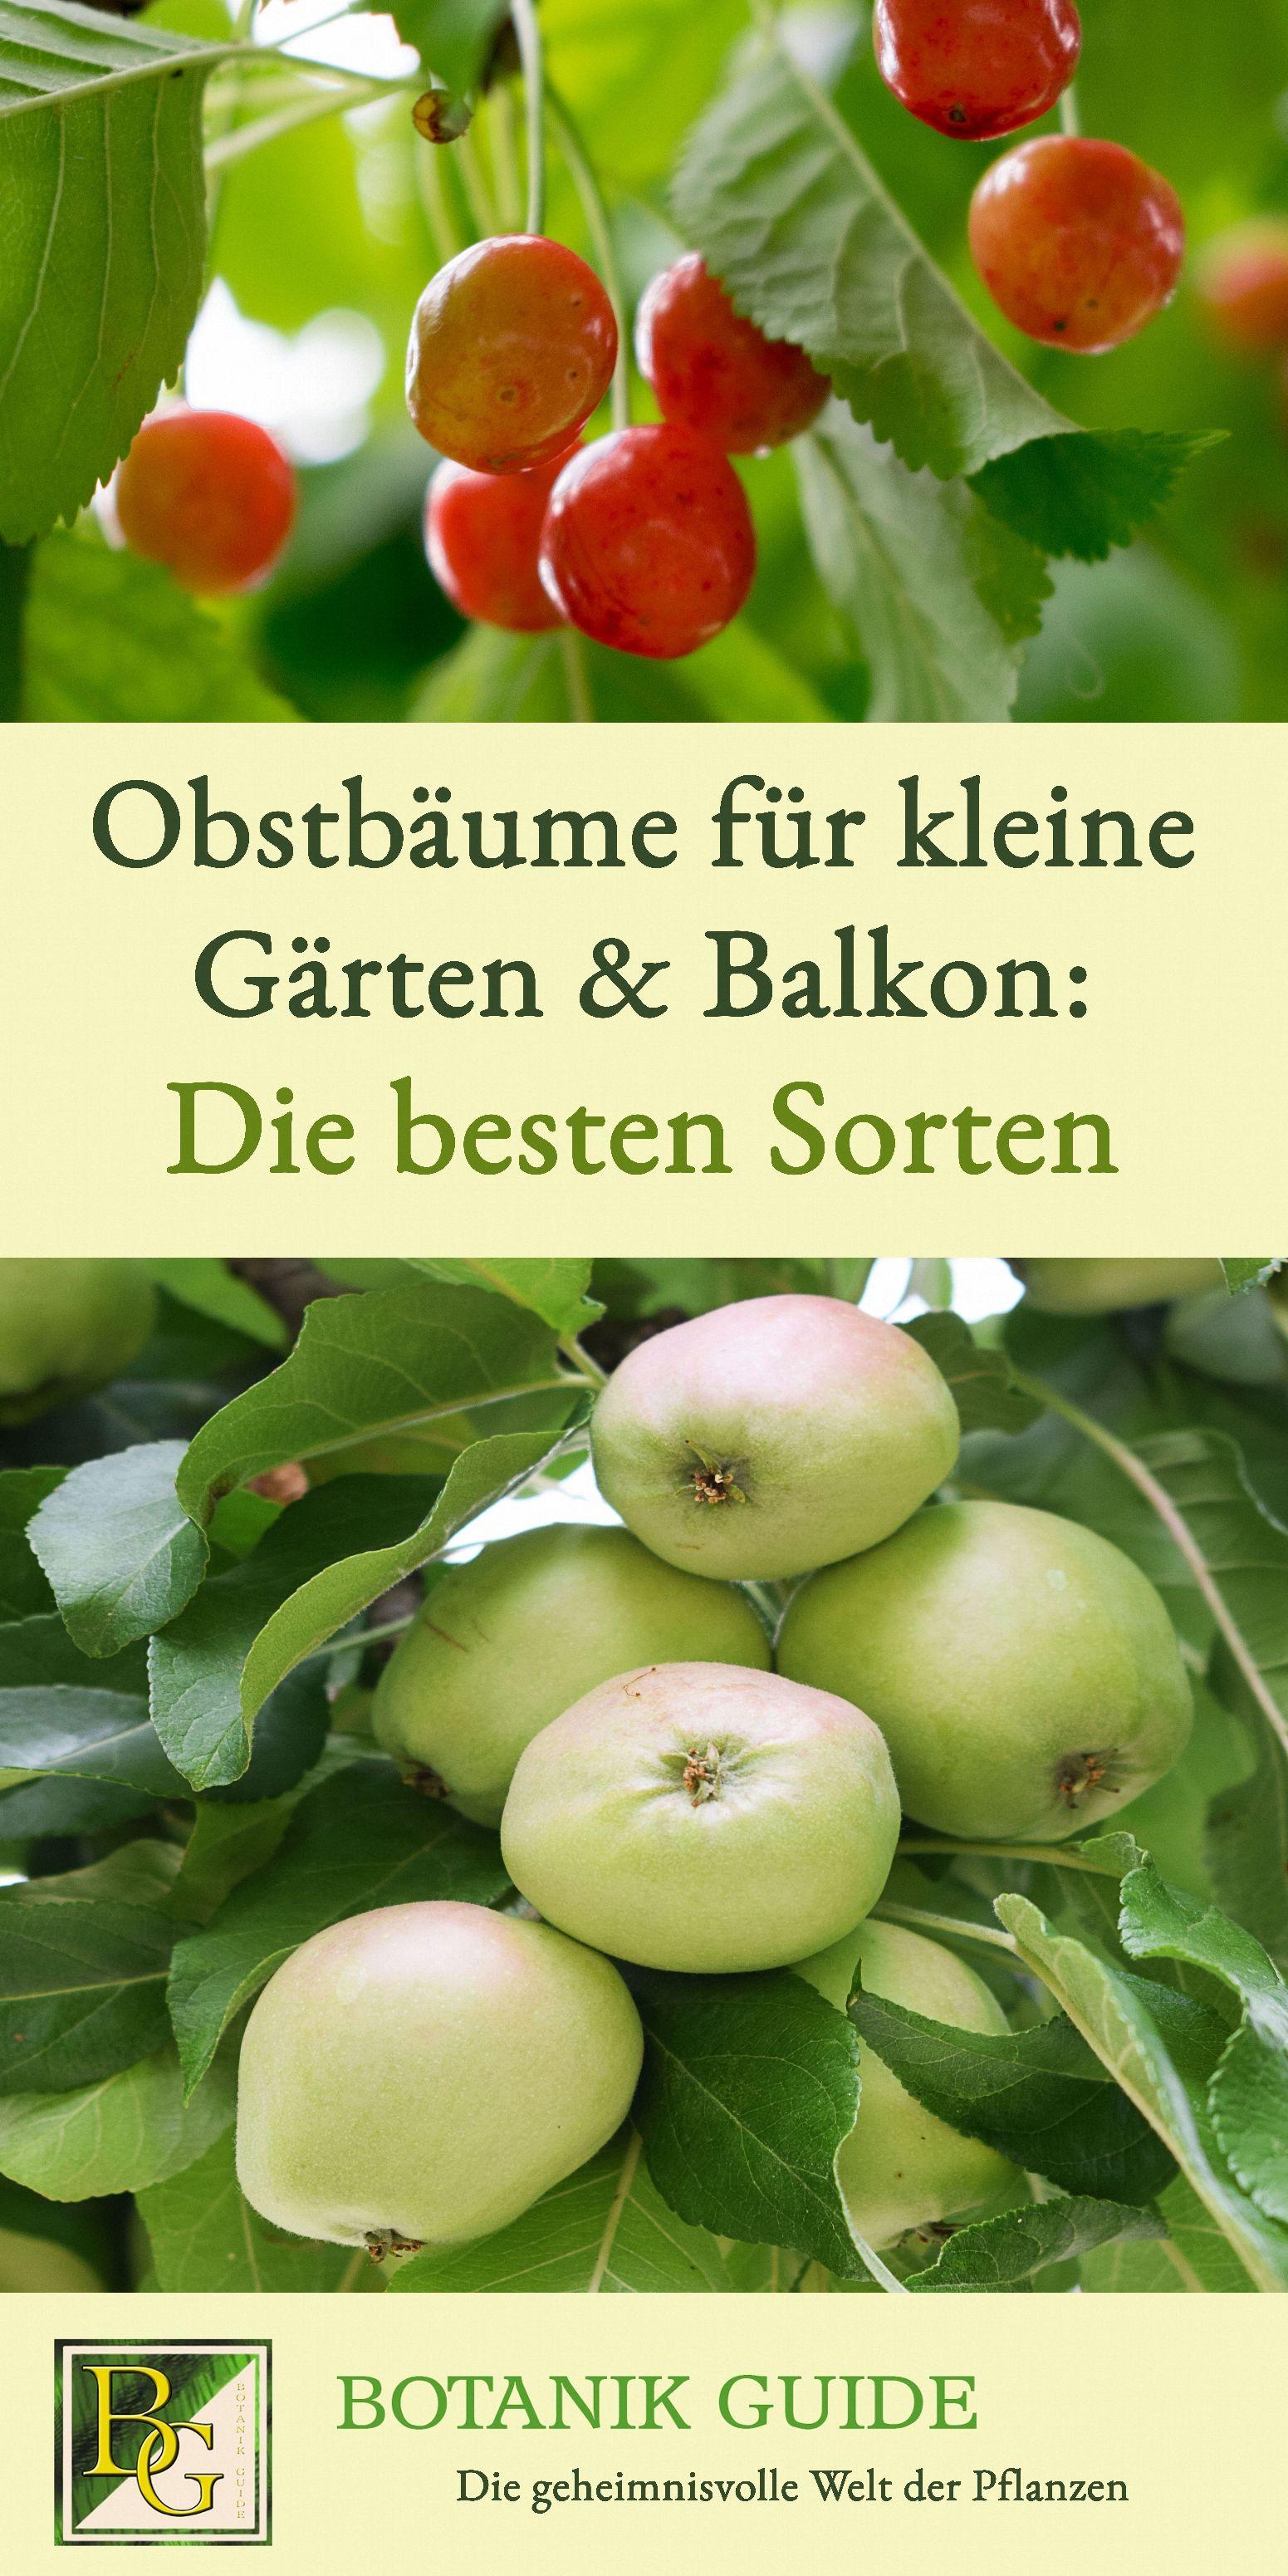 Bewährte Obstbäume für  kleine Gärten & Terrasse #kleinegärten